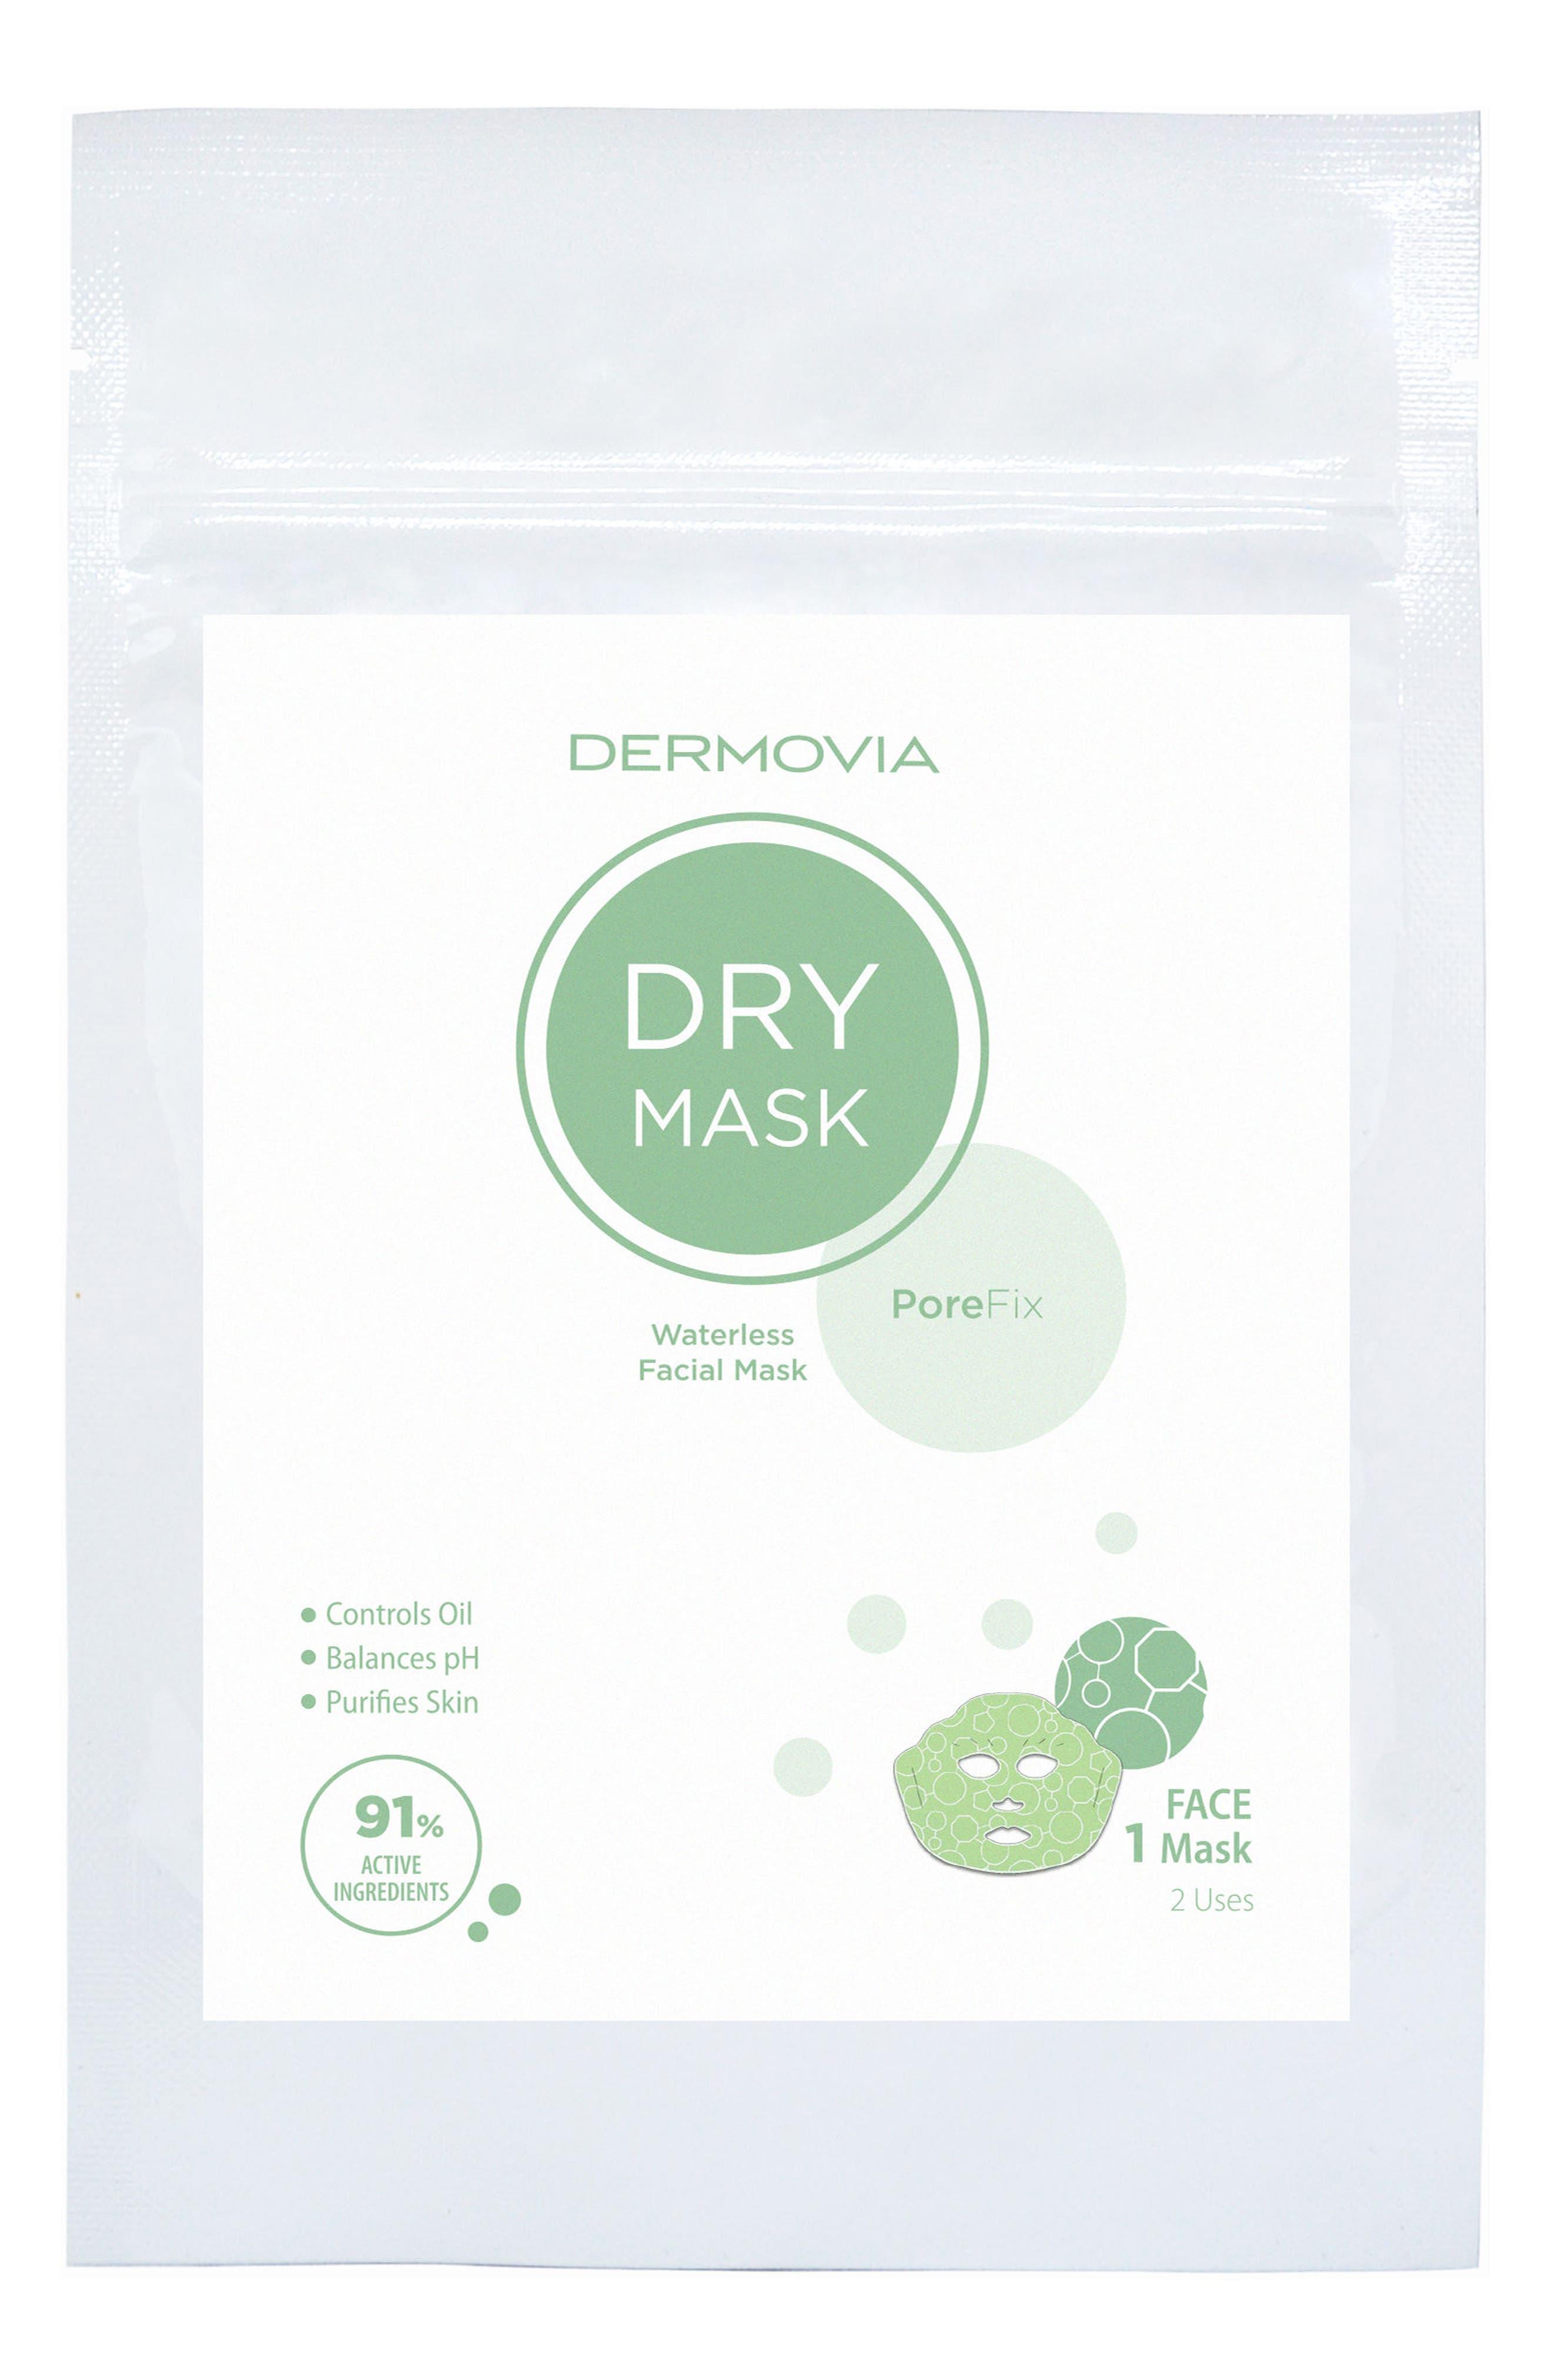 DRY Mask PoreFix Waterless Facial Mask,                             Main thumbnail 1, color,                             NO COLOR